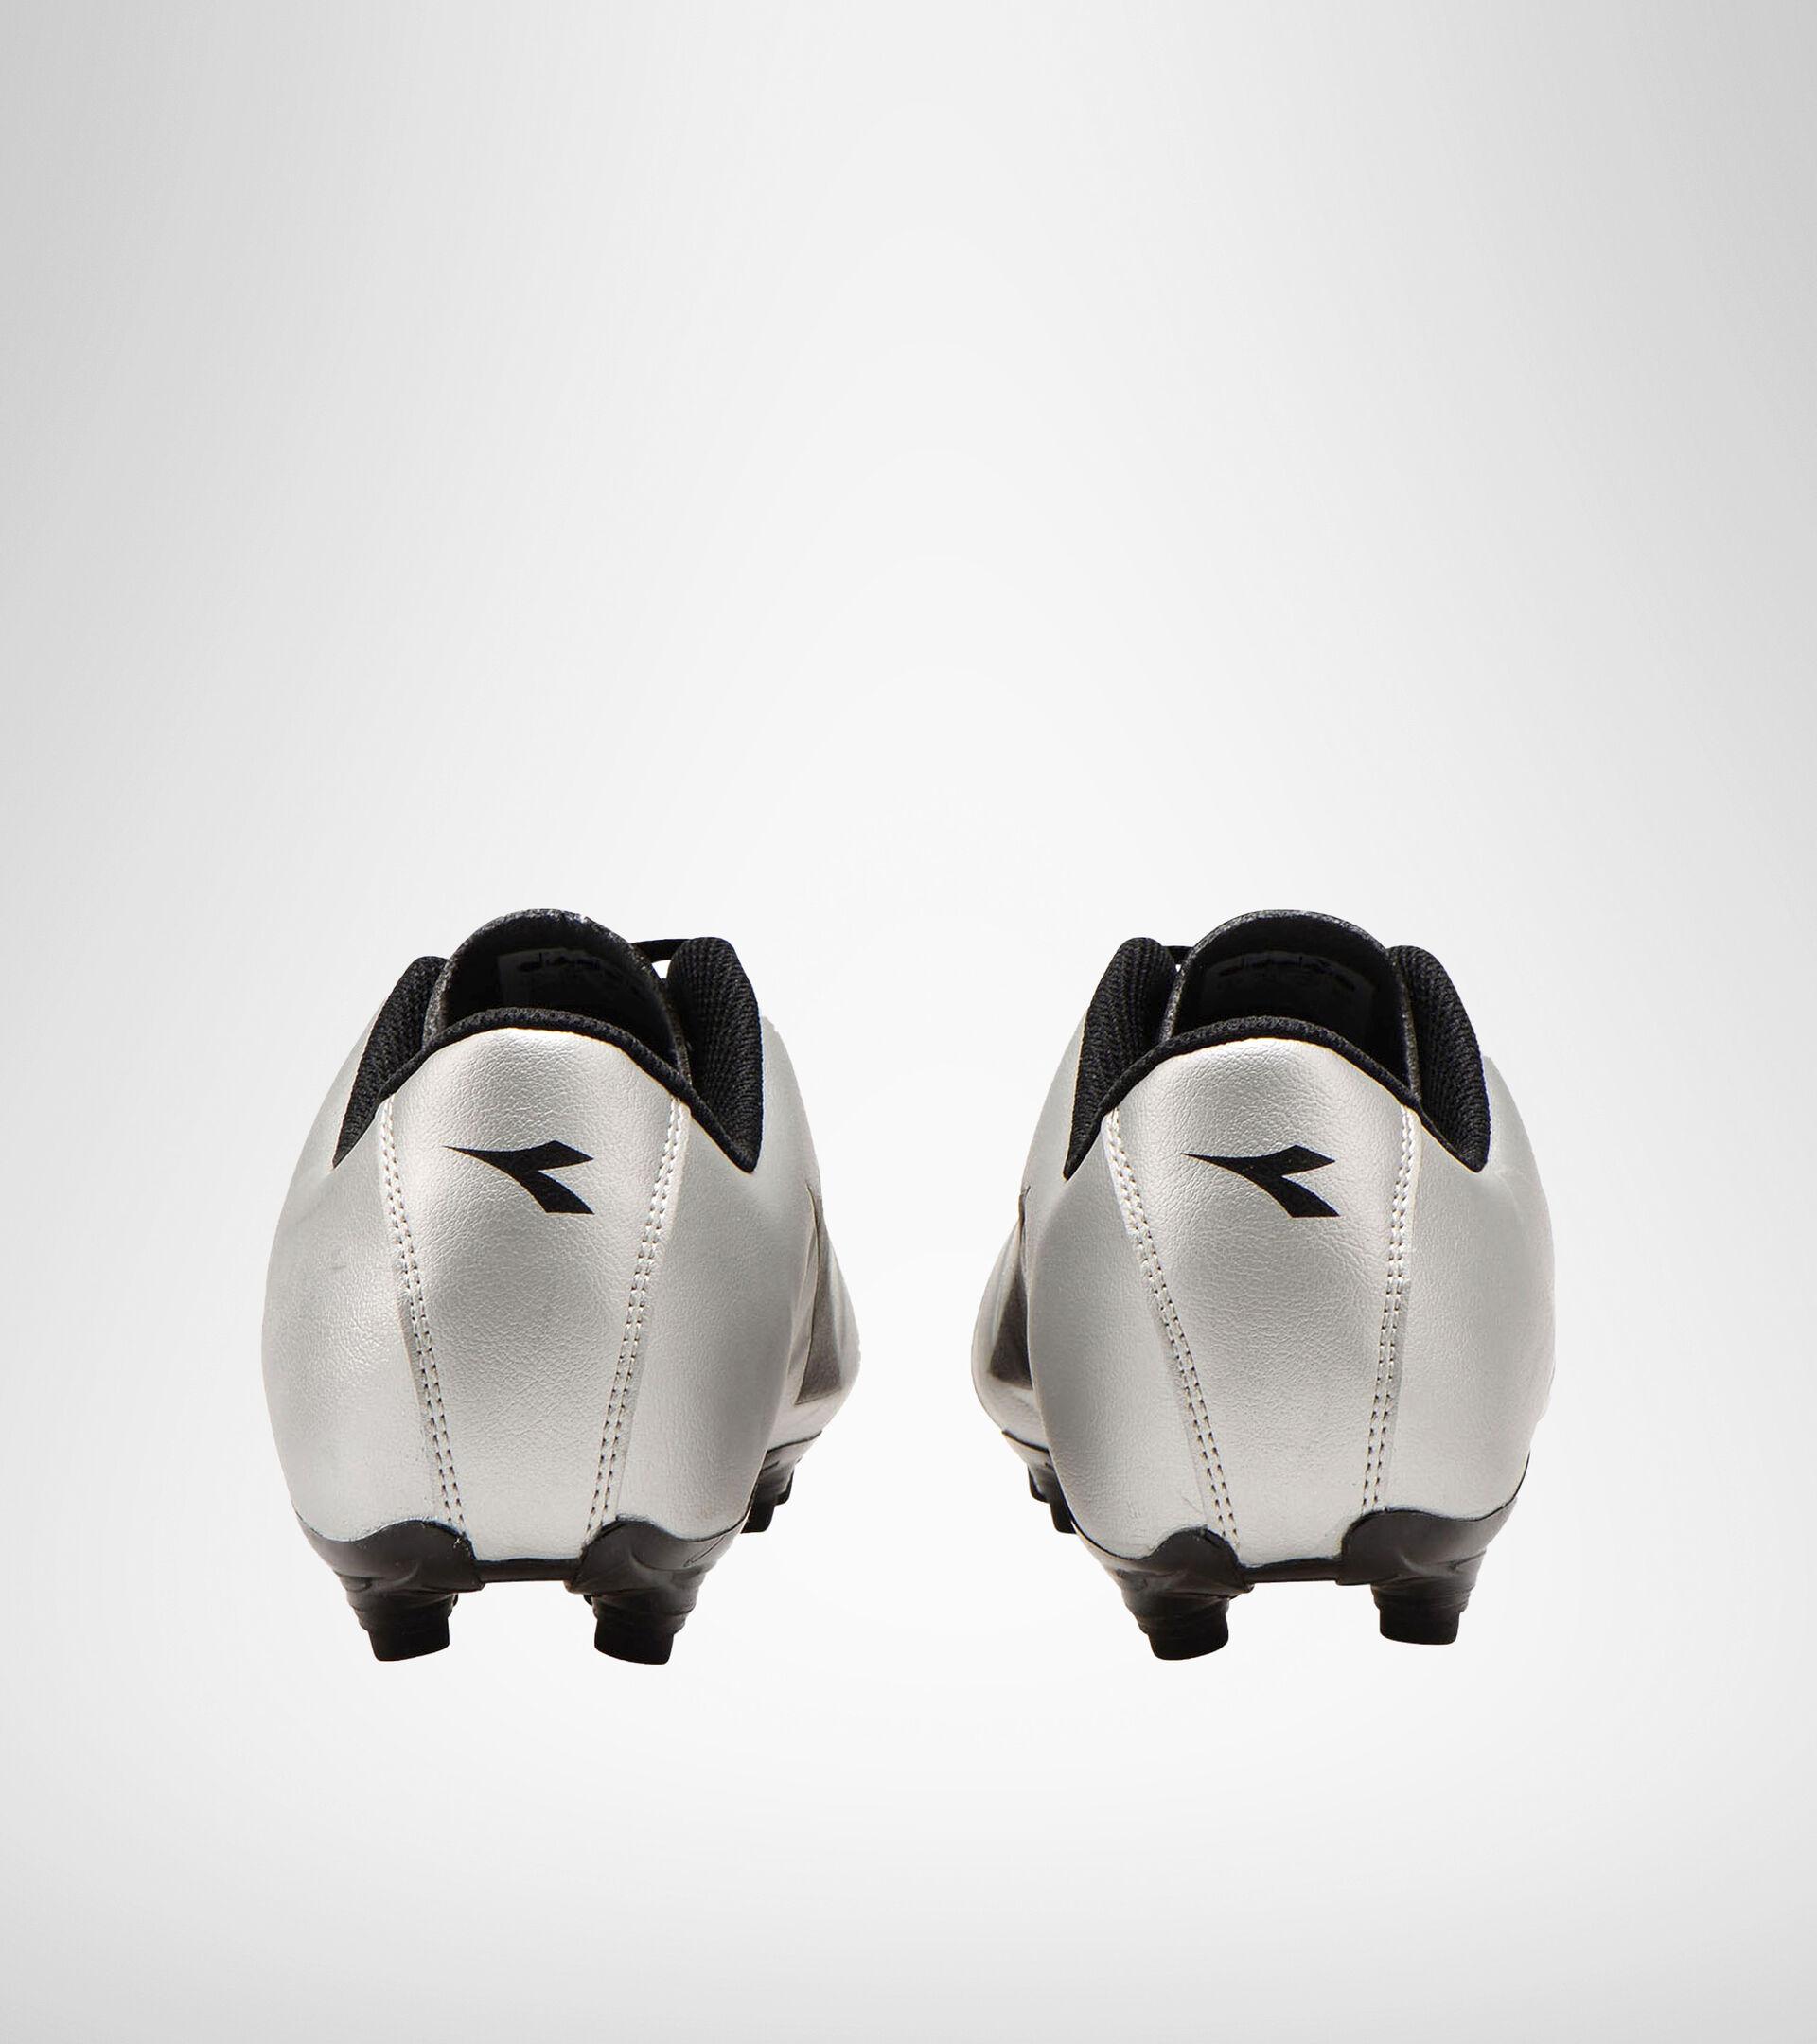 Footwear Sport UOMO PICHICHI 3 MG14 SILVER DD/BLACK Diadora